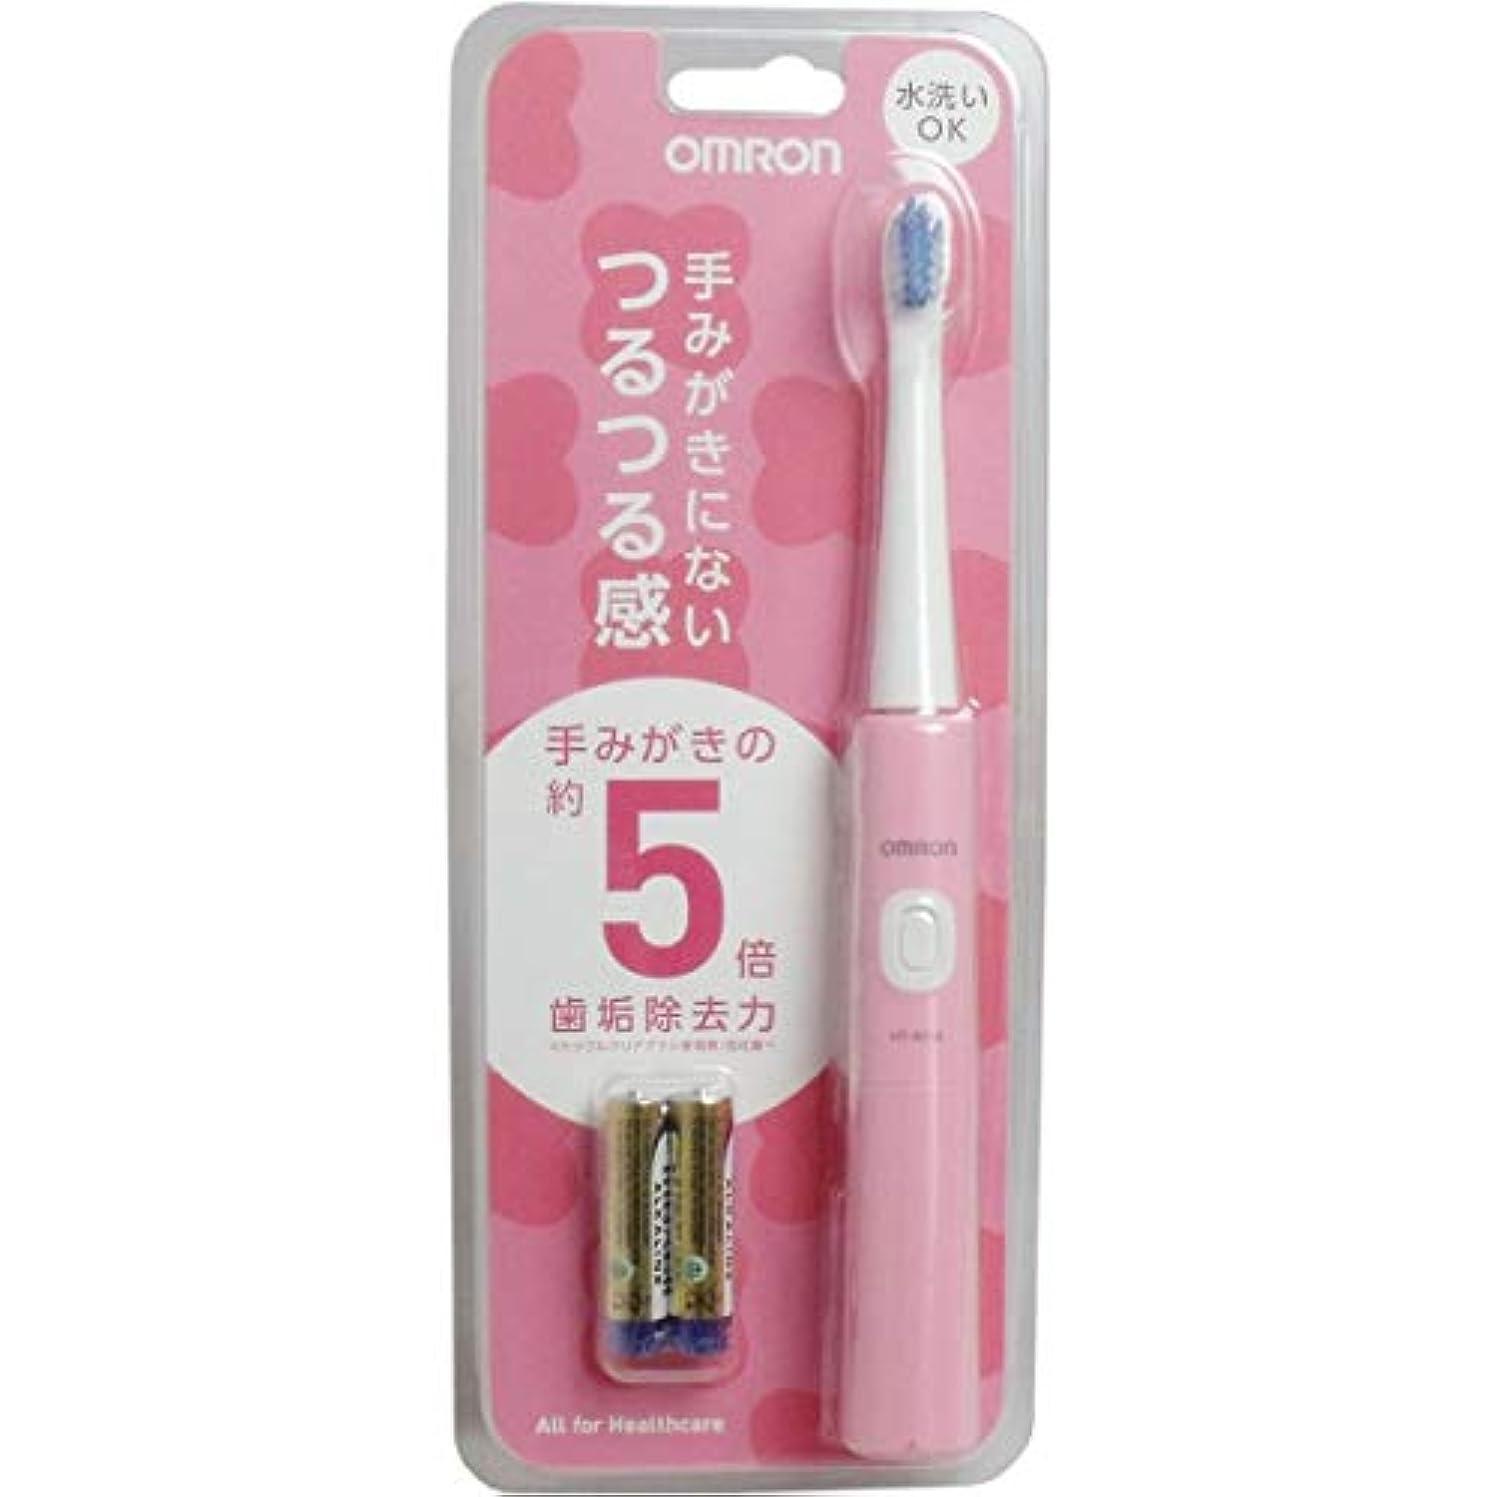 現代のビジョン絶対のオムロンヘルスケア 音波式電動歯ブラシ ピンク HT-B210-PK